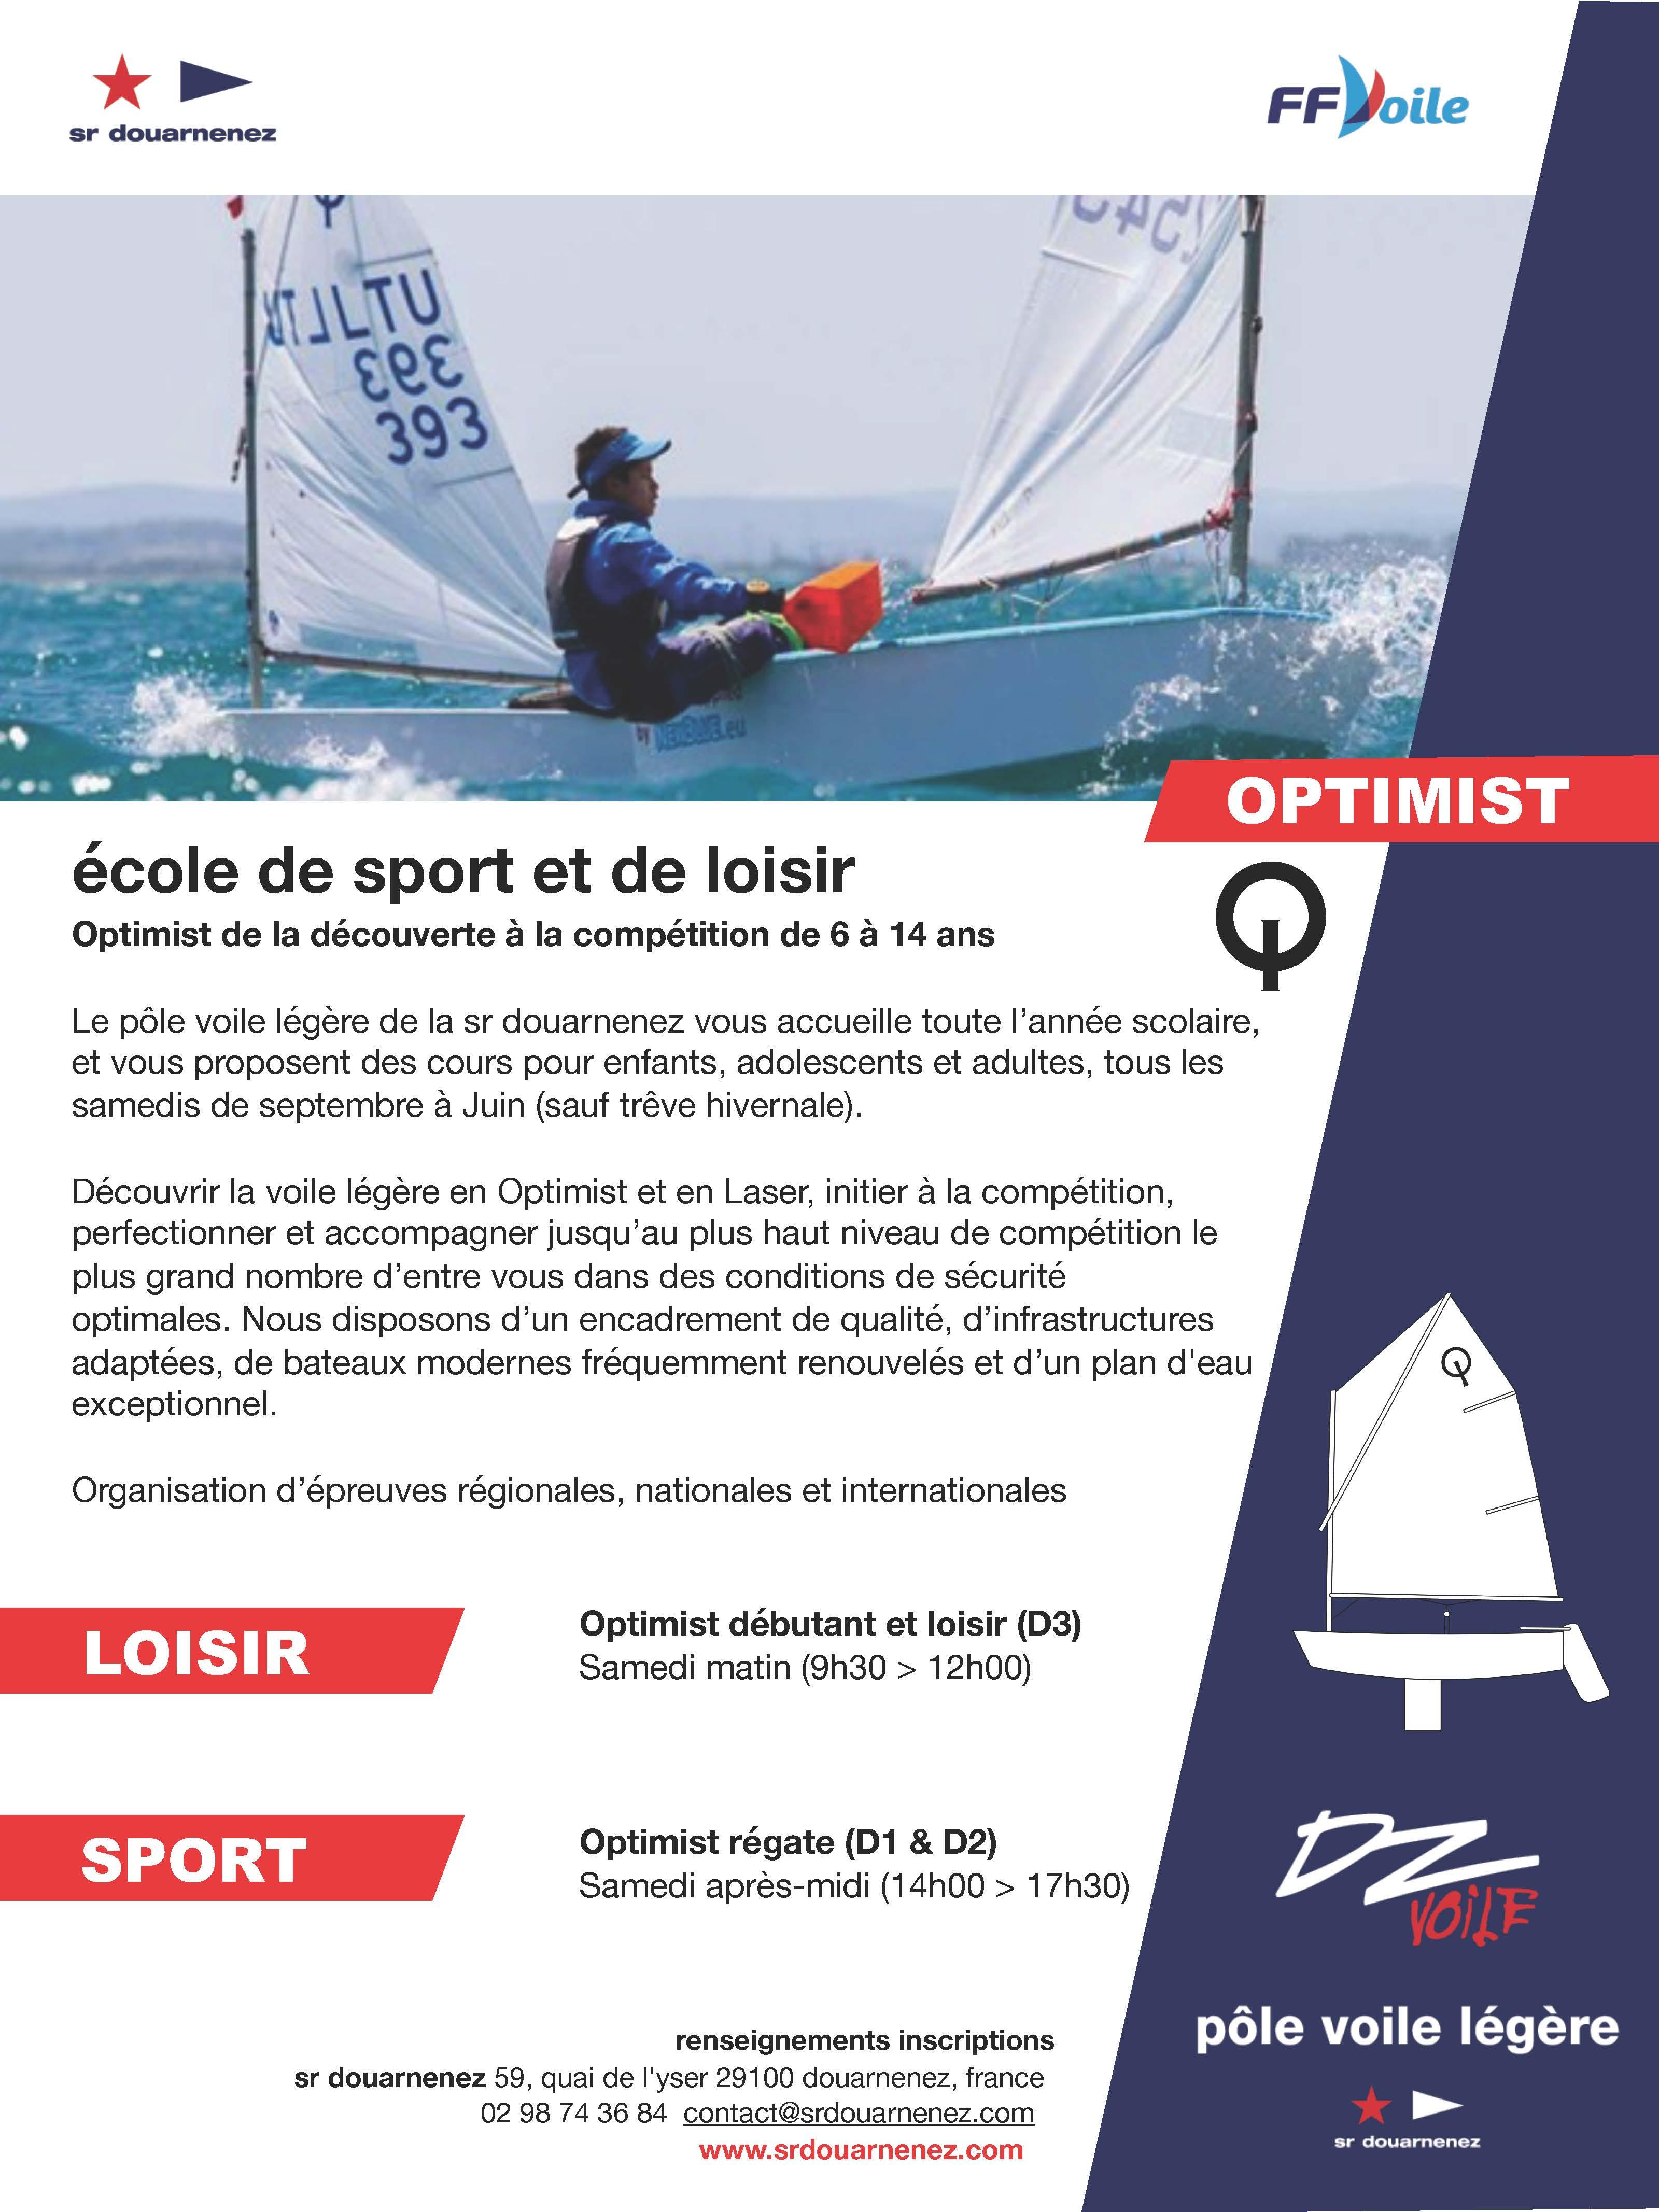 Ecole de sport en Optimist Dériveur Solitaire par le Club SR DOUARNENEZ affilié à la Fédération Française de Voile